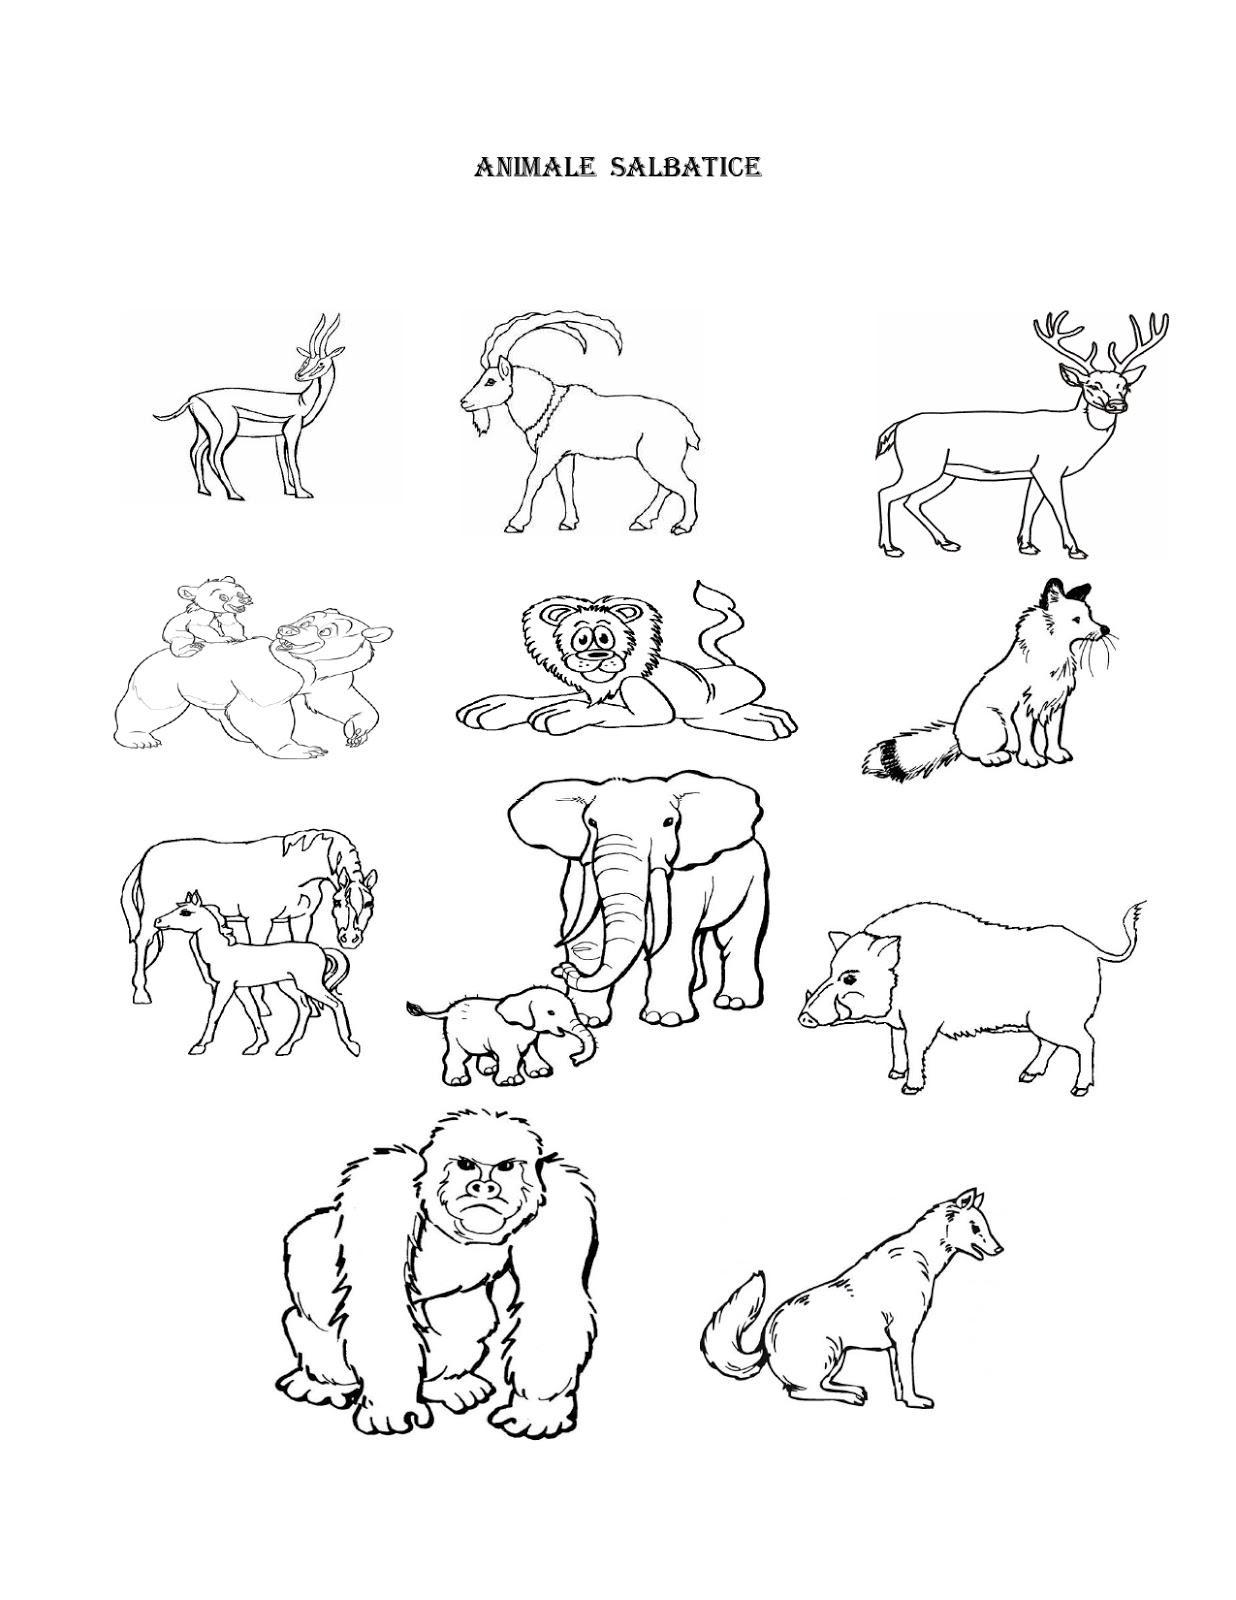 Imagini Colorat Cu Animale Domestice